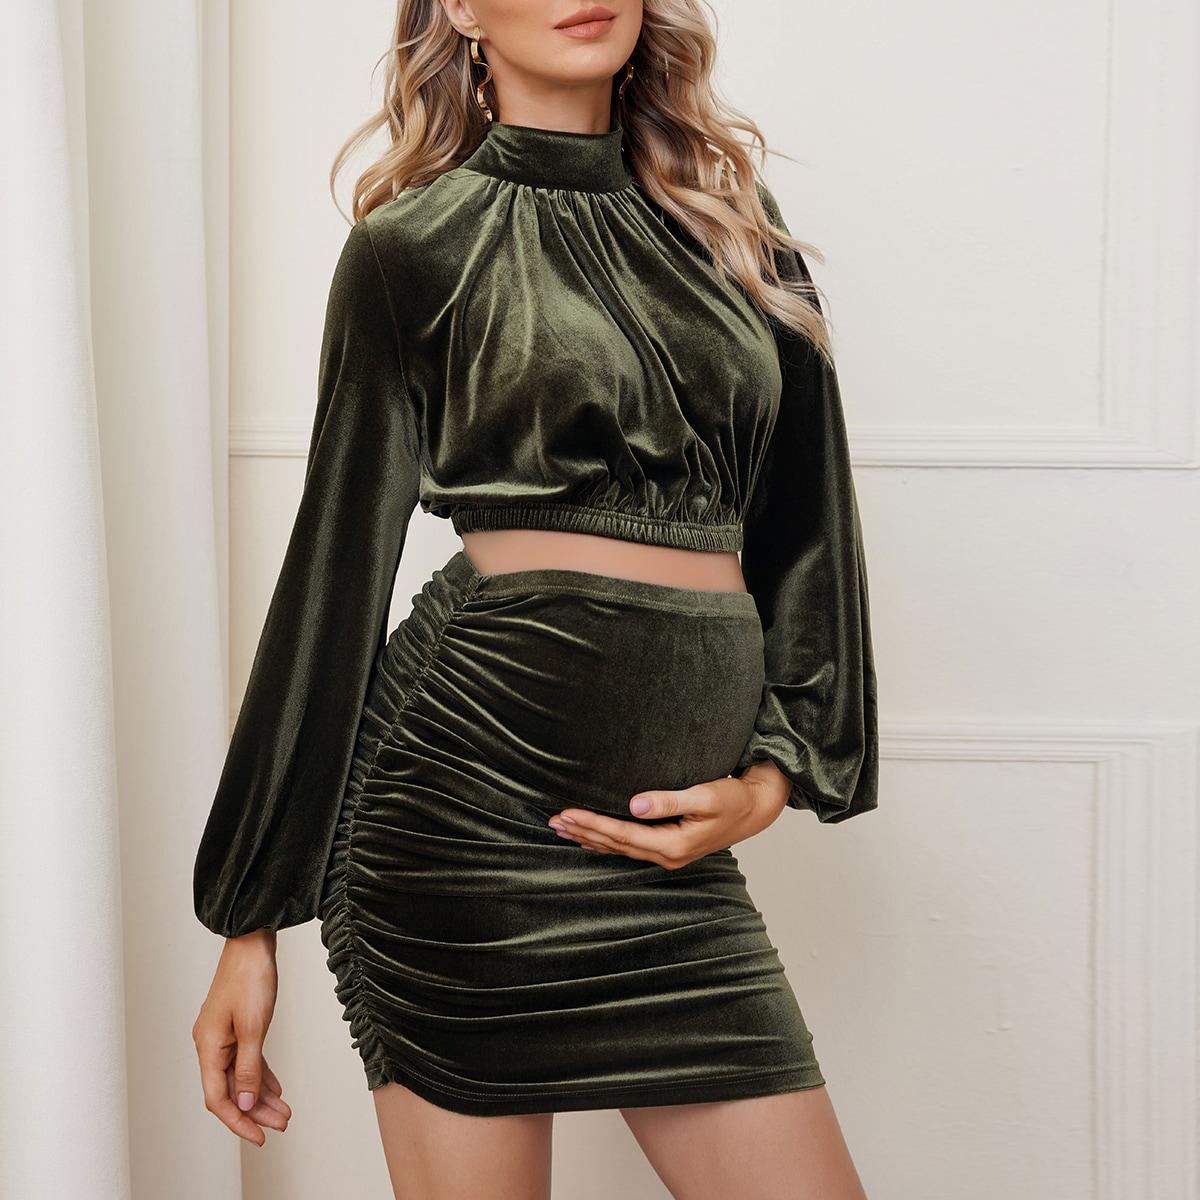 Бархатный топ с воротником-стойкой и юбка со сборкой для беременных